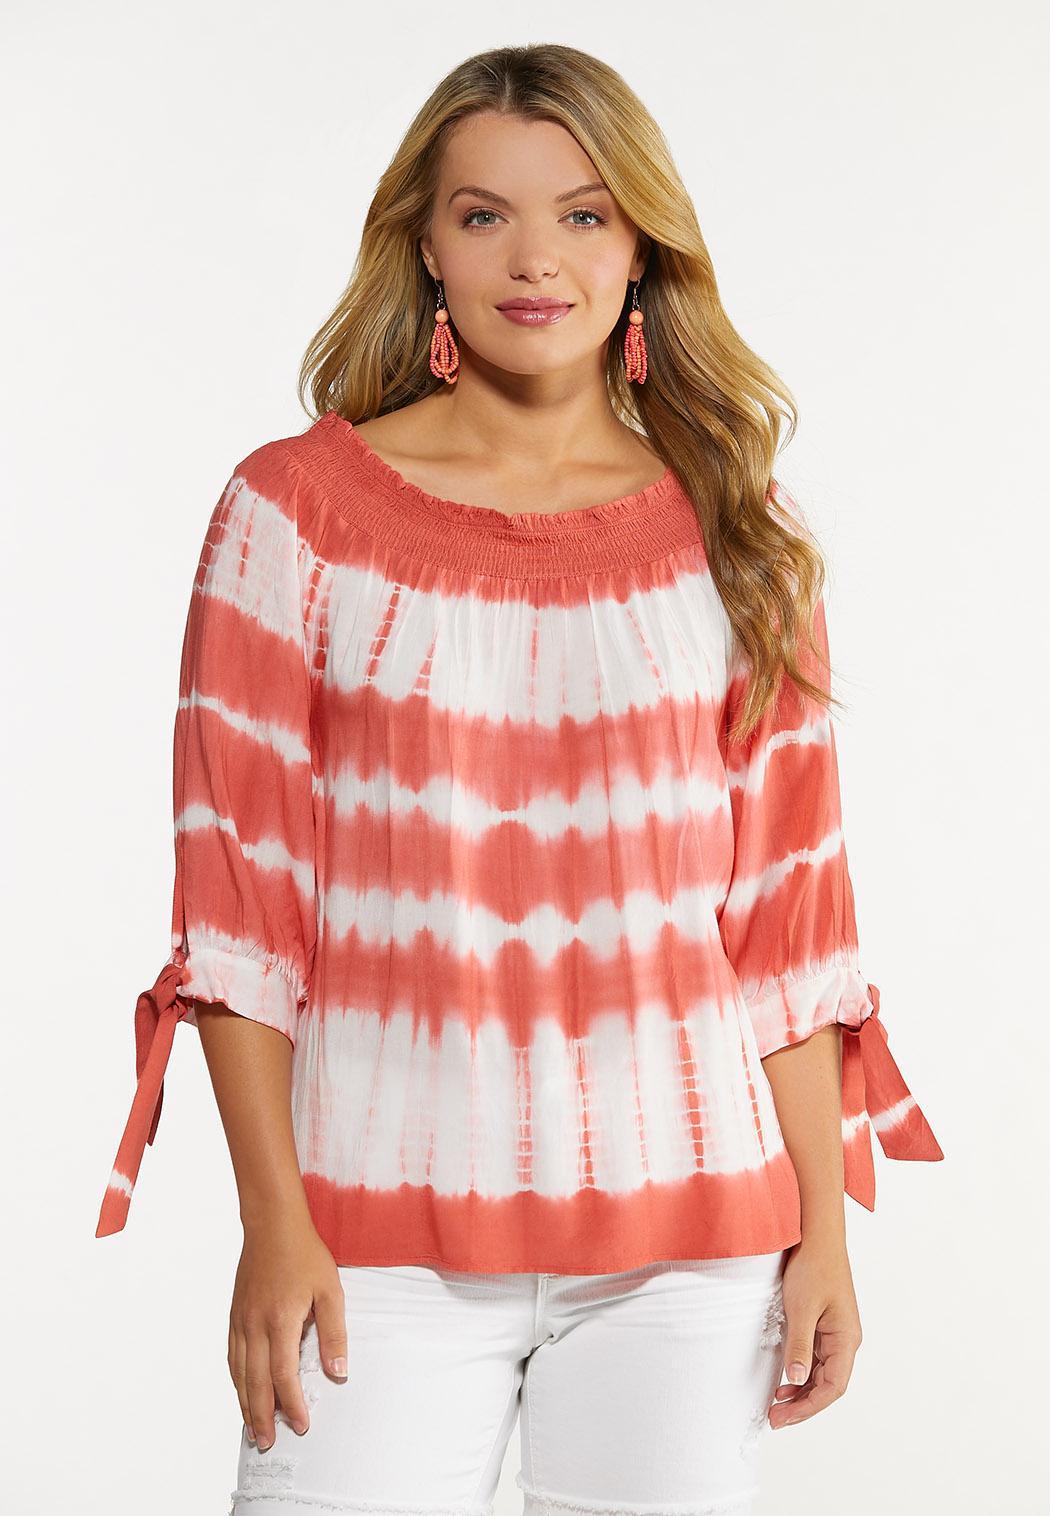 Coral Tie Dye Poet Top